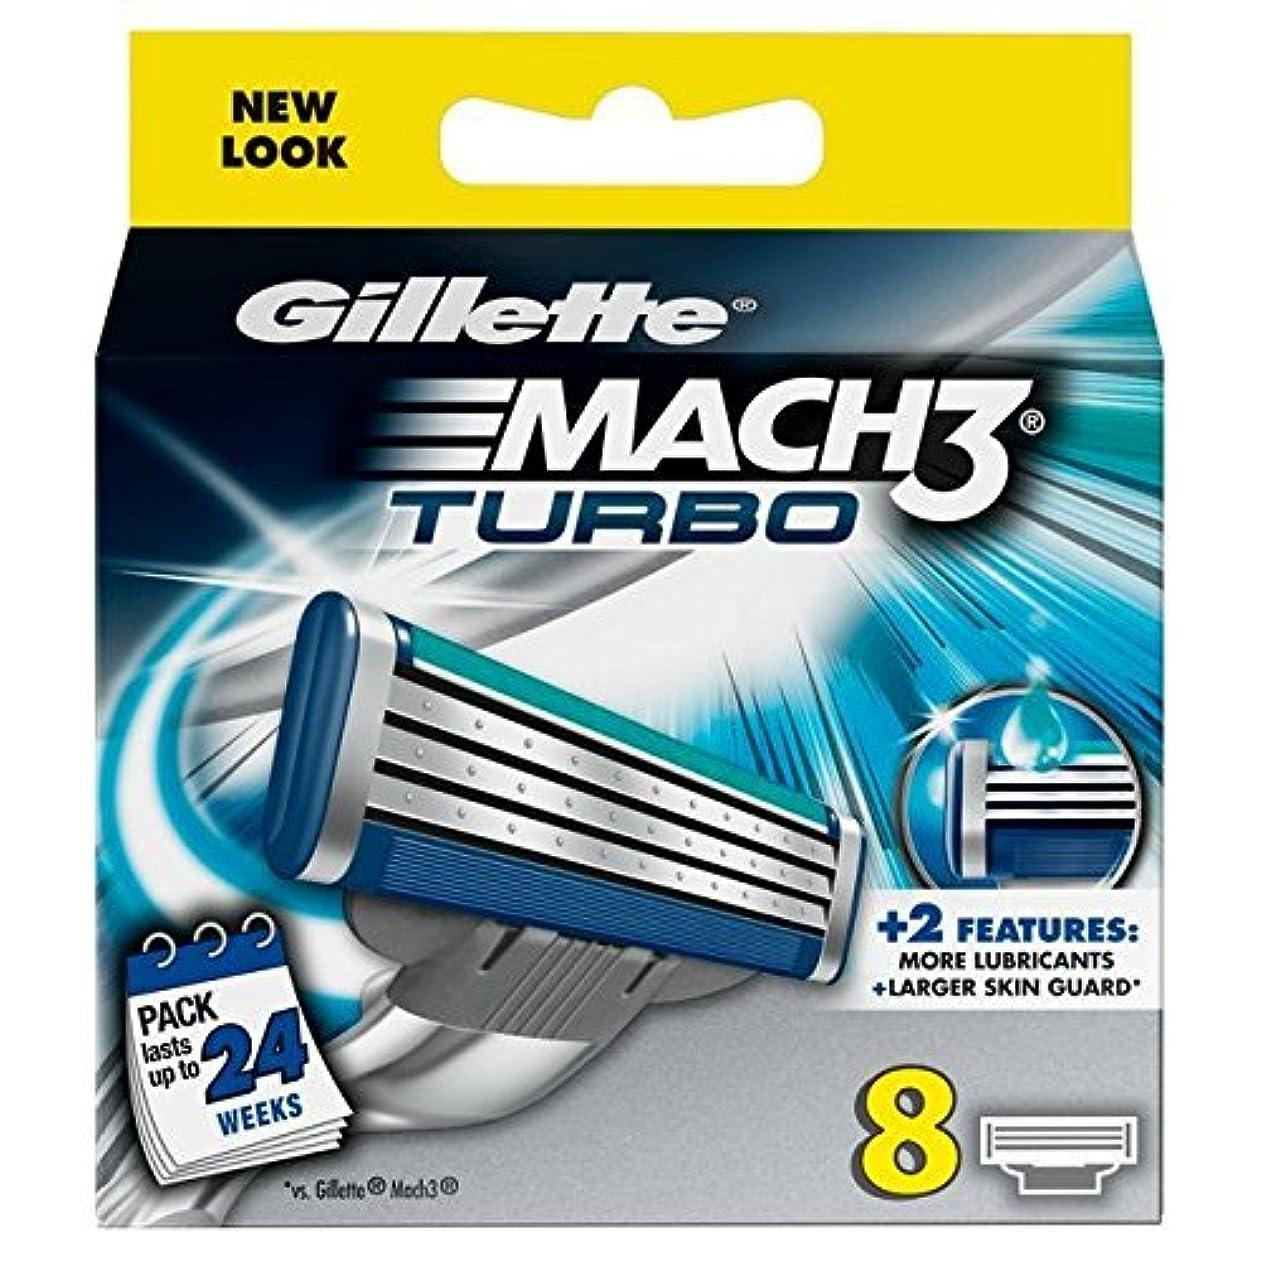 フィードくさび金属ジレット マッハ 3 ターボ 替刃8個入 Gillette Mach 3 Turbo [並行輸入品]